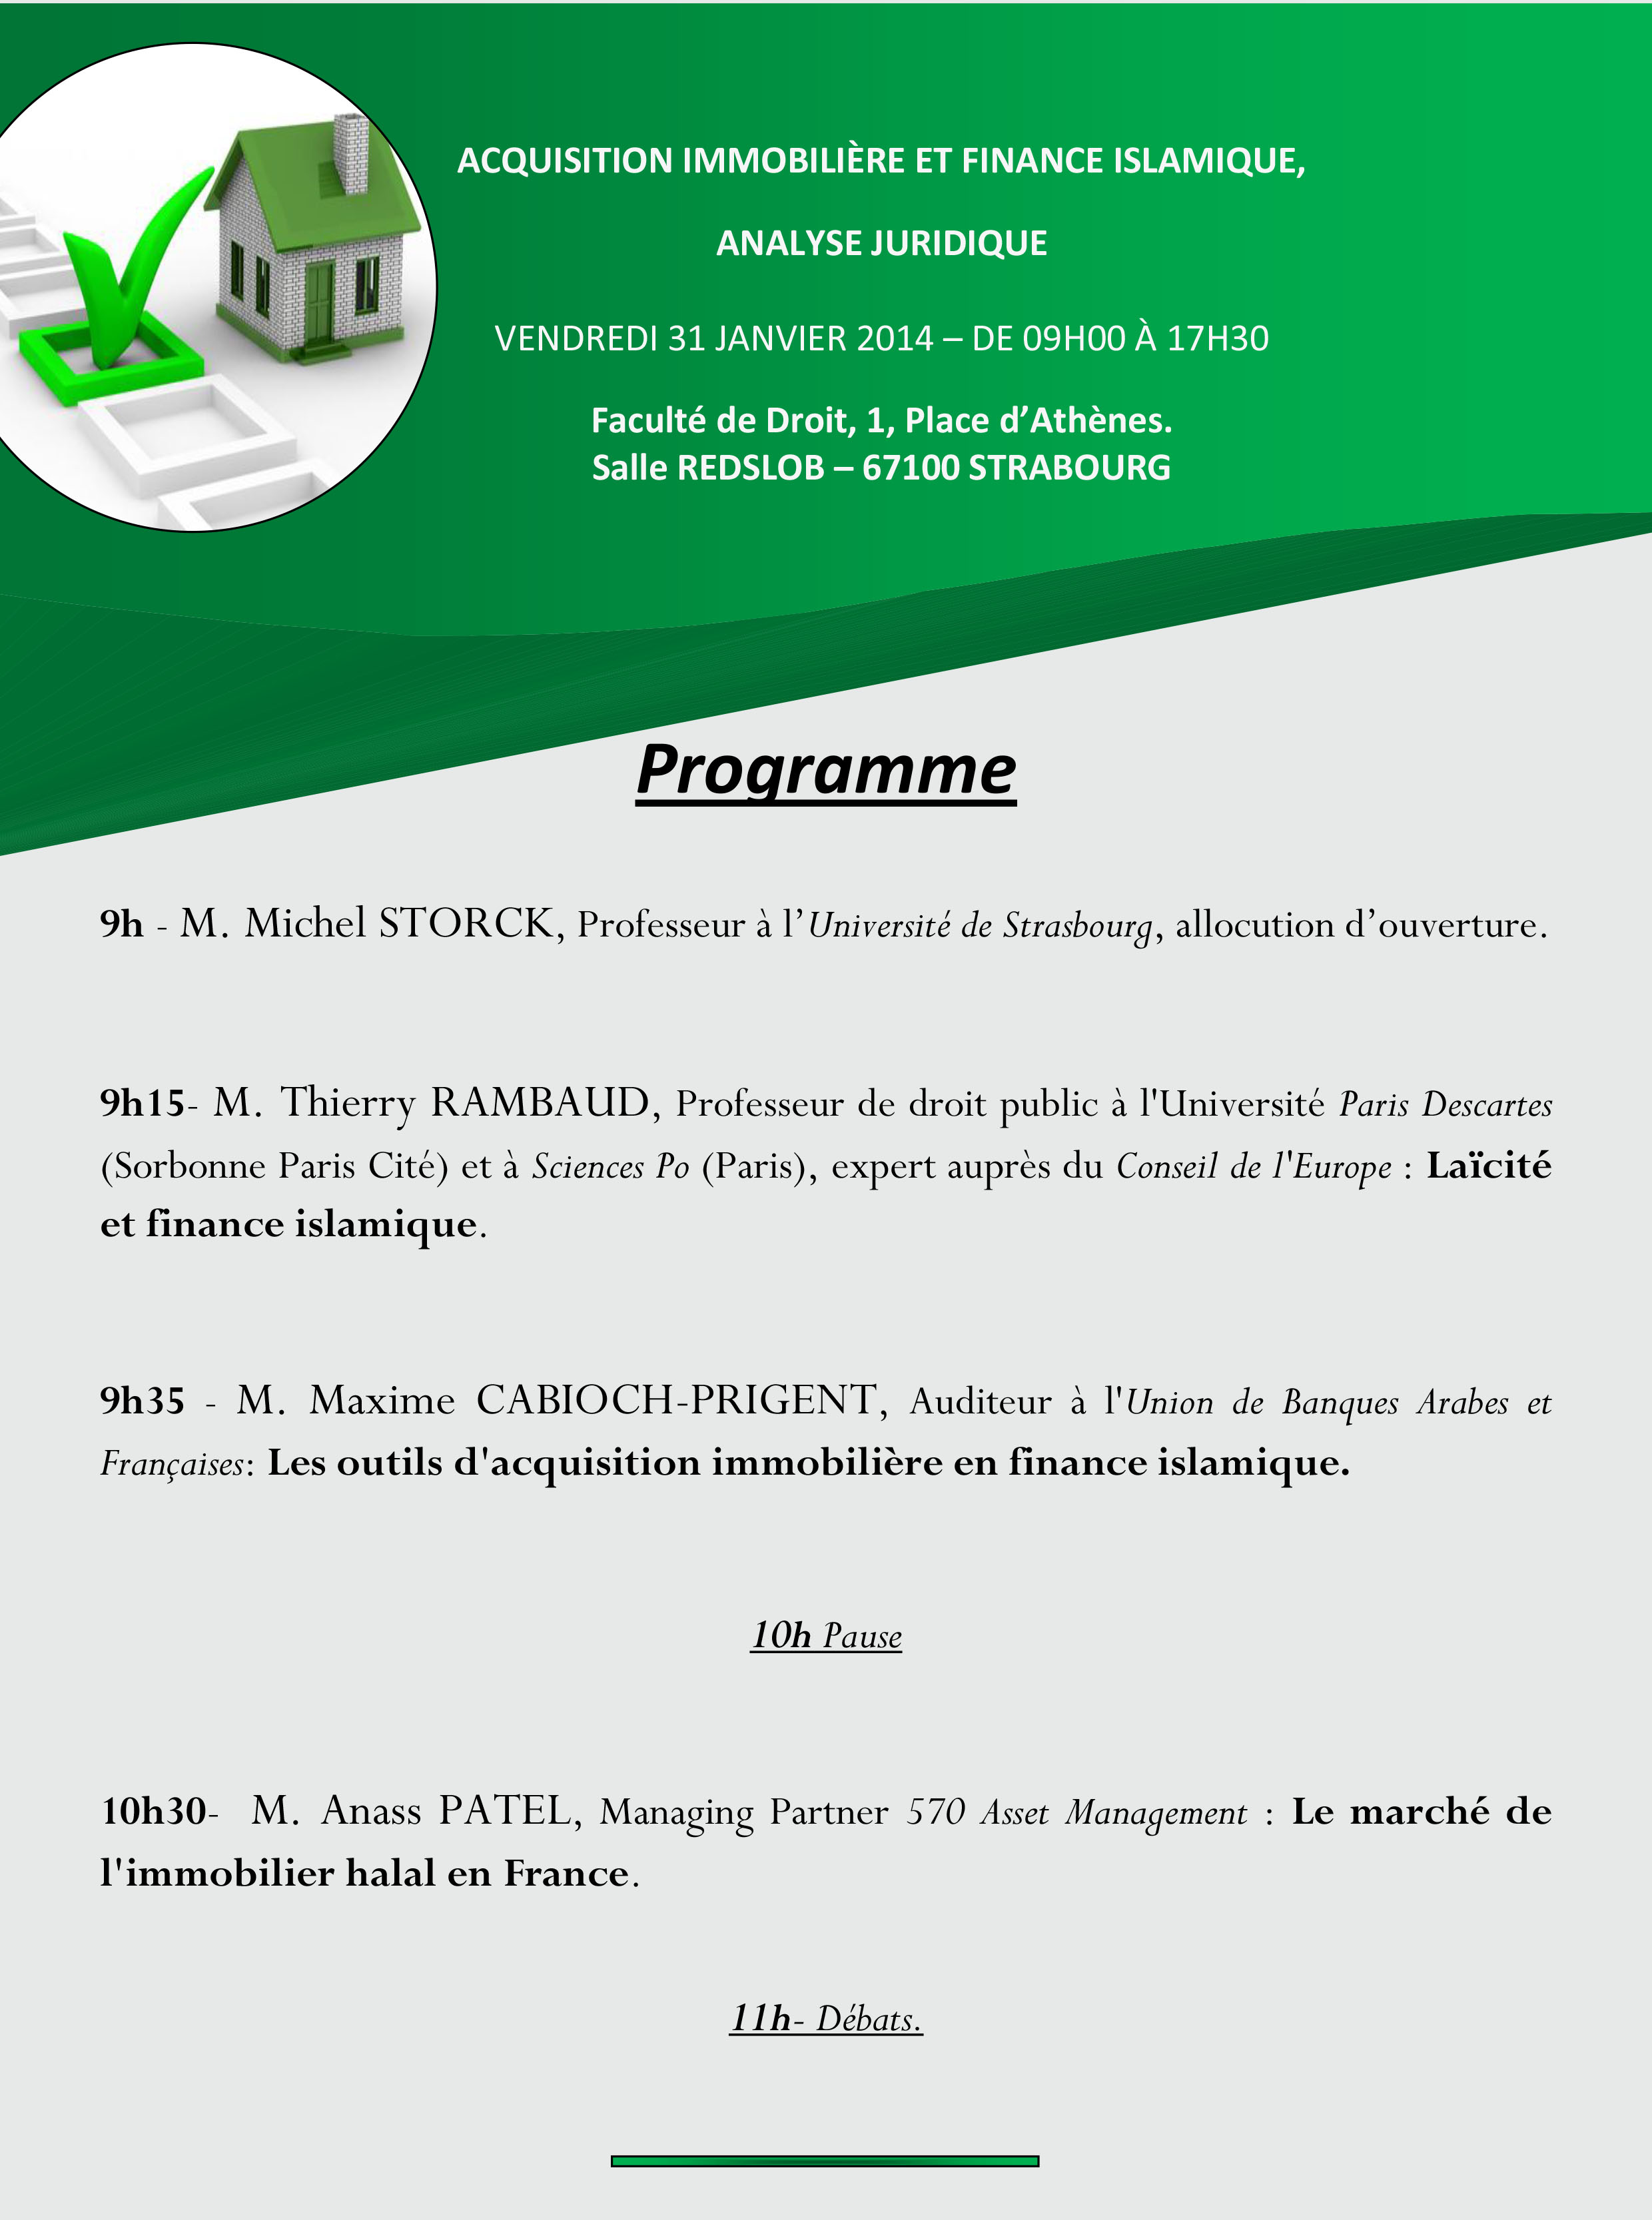 PDF CONFERENCE JANVIER FI-1